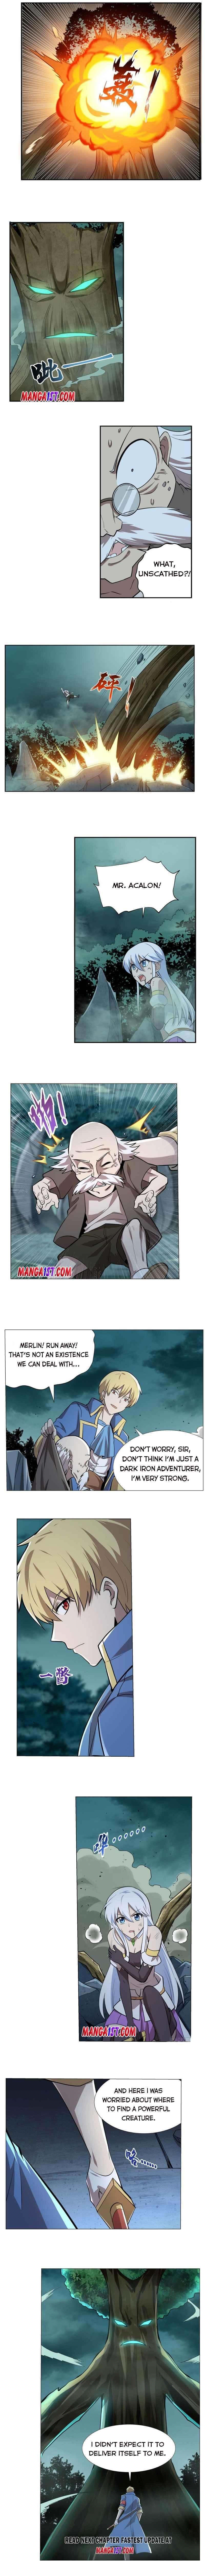 The Demon King Who Lost His Job Chapter 209 page 6 - Mangakakalots.com